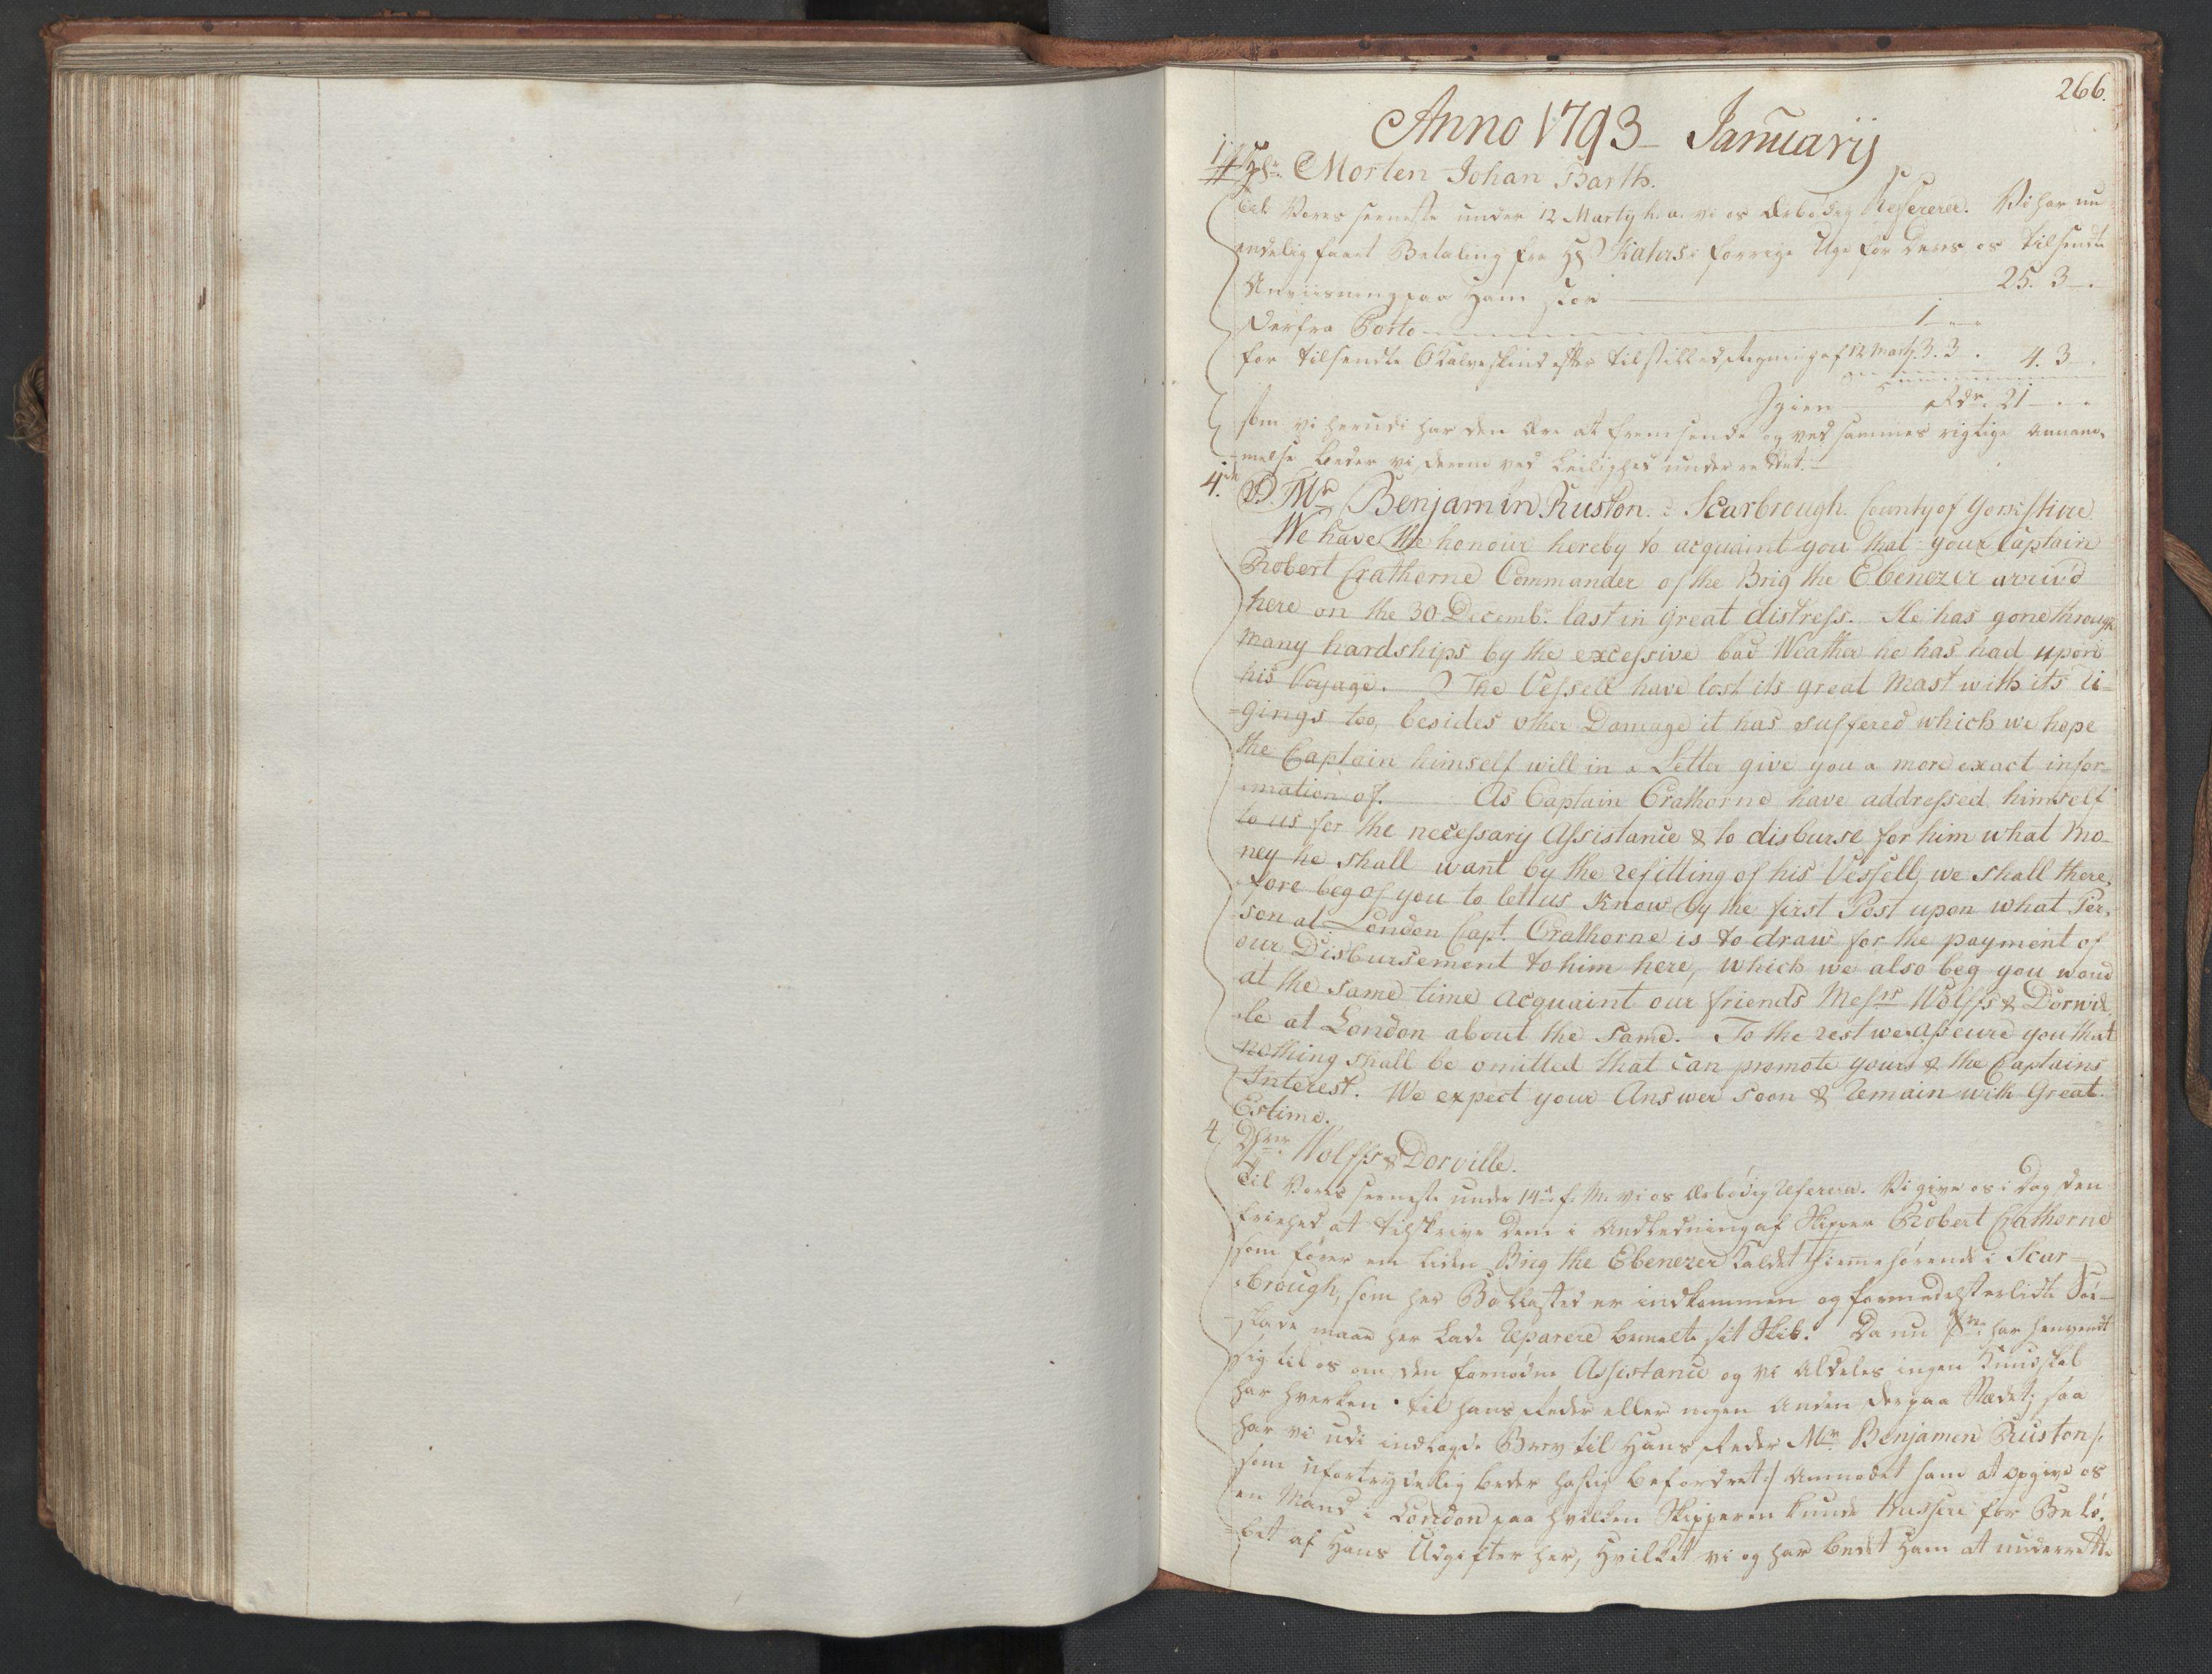 SAST, Pa 0003 - Ploug & Sundt, handelshuset, B/L0006: Kopibok, 1788-1793, s. 265b-266a